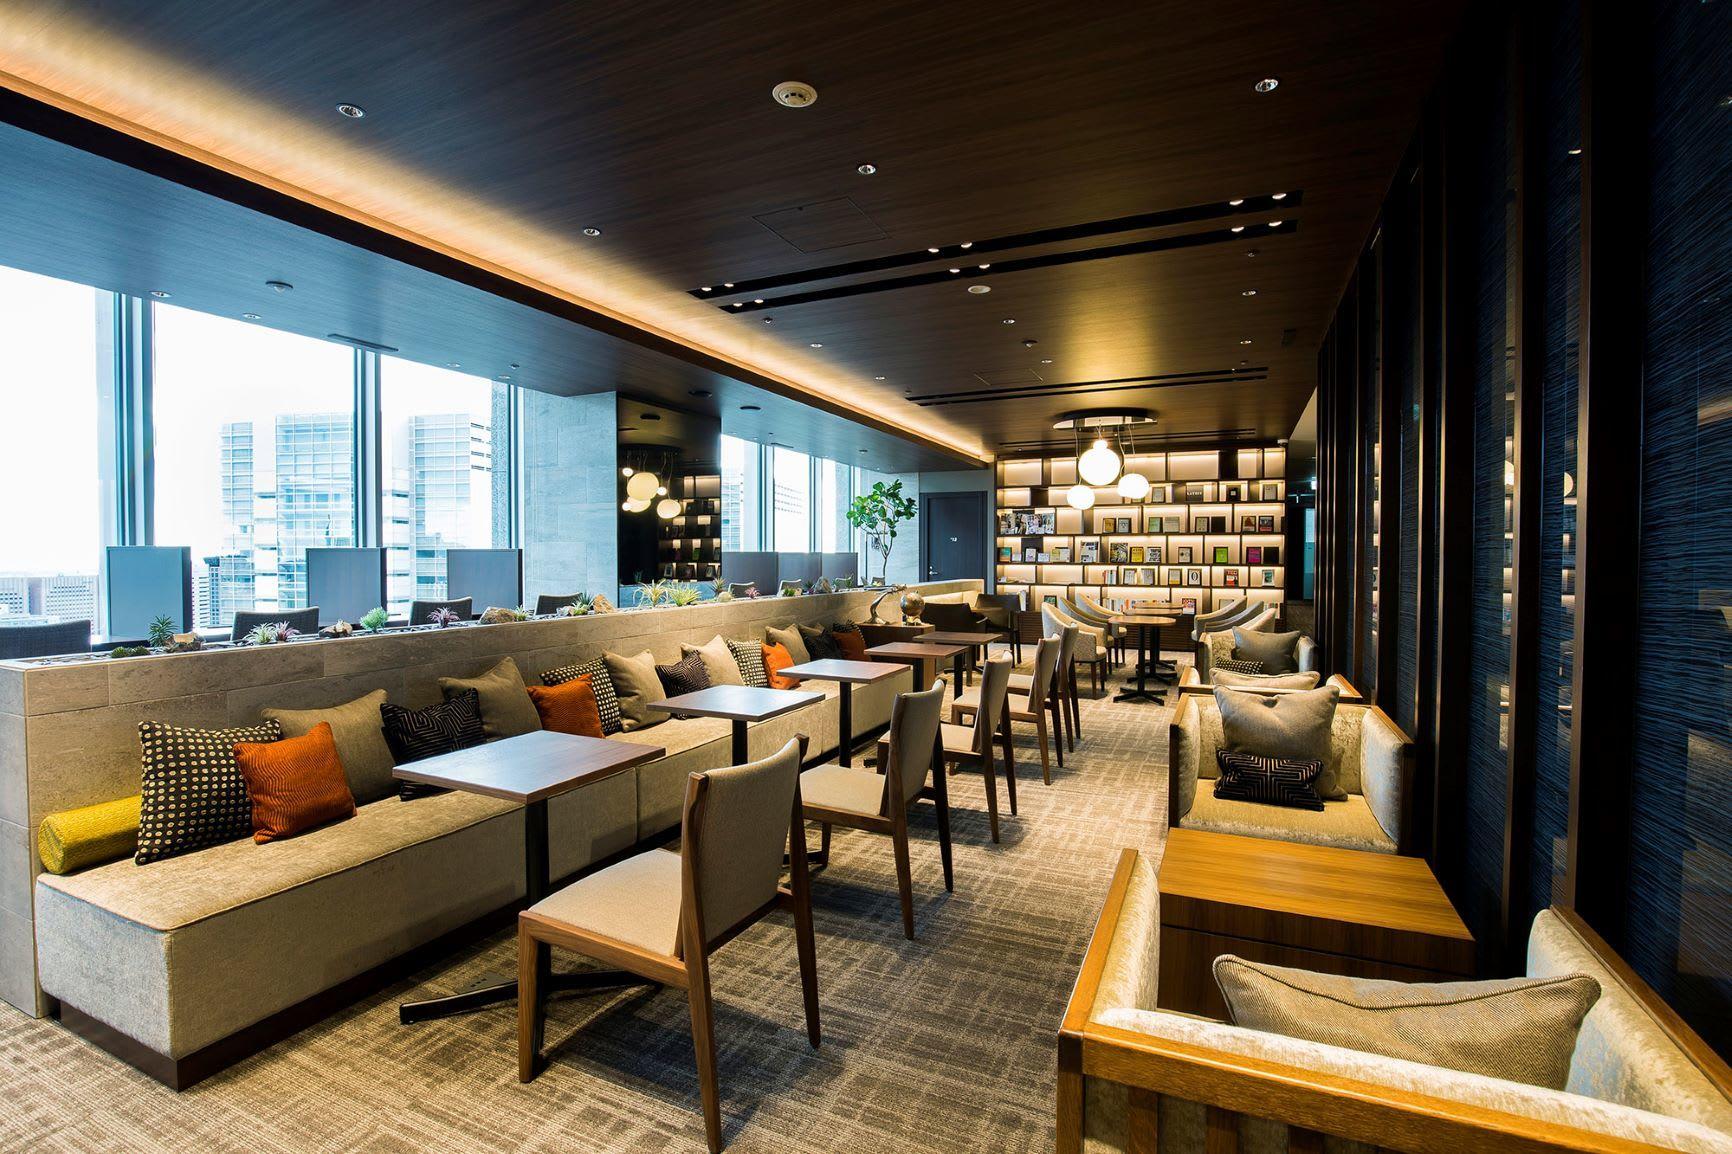 ラウンジ_採光に優れた開放感のあるラウンジは、ご来客のお客様により良い印象を与えます